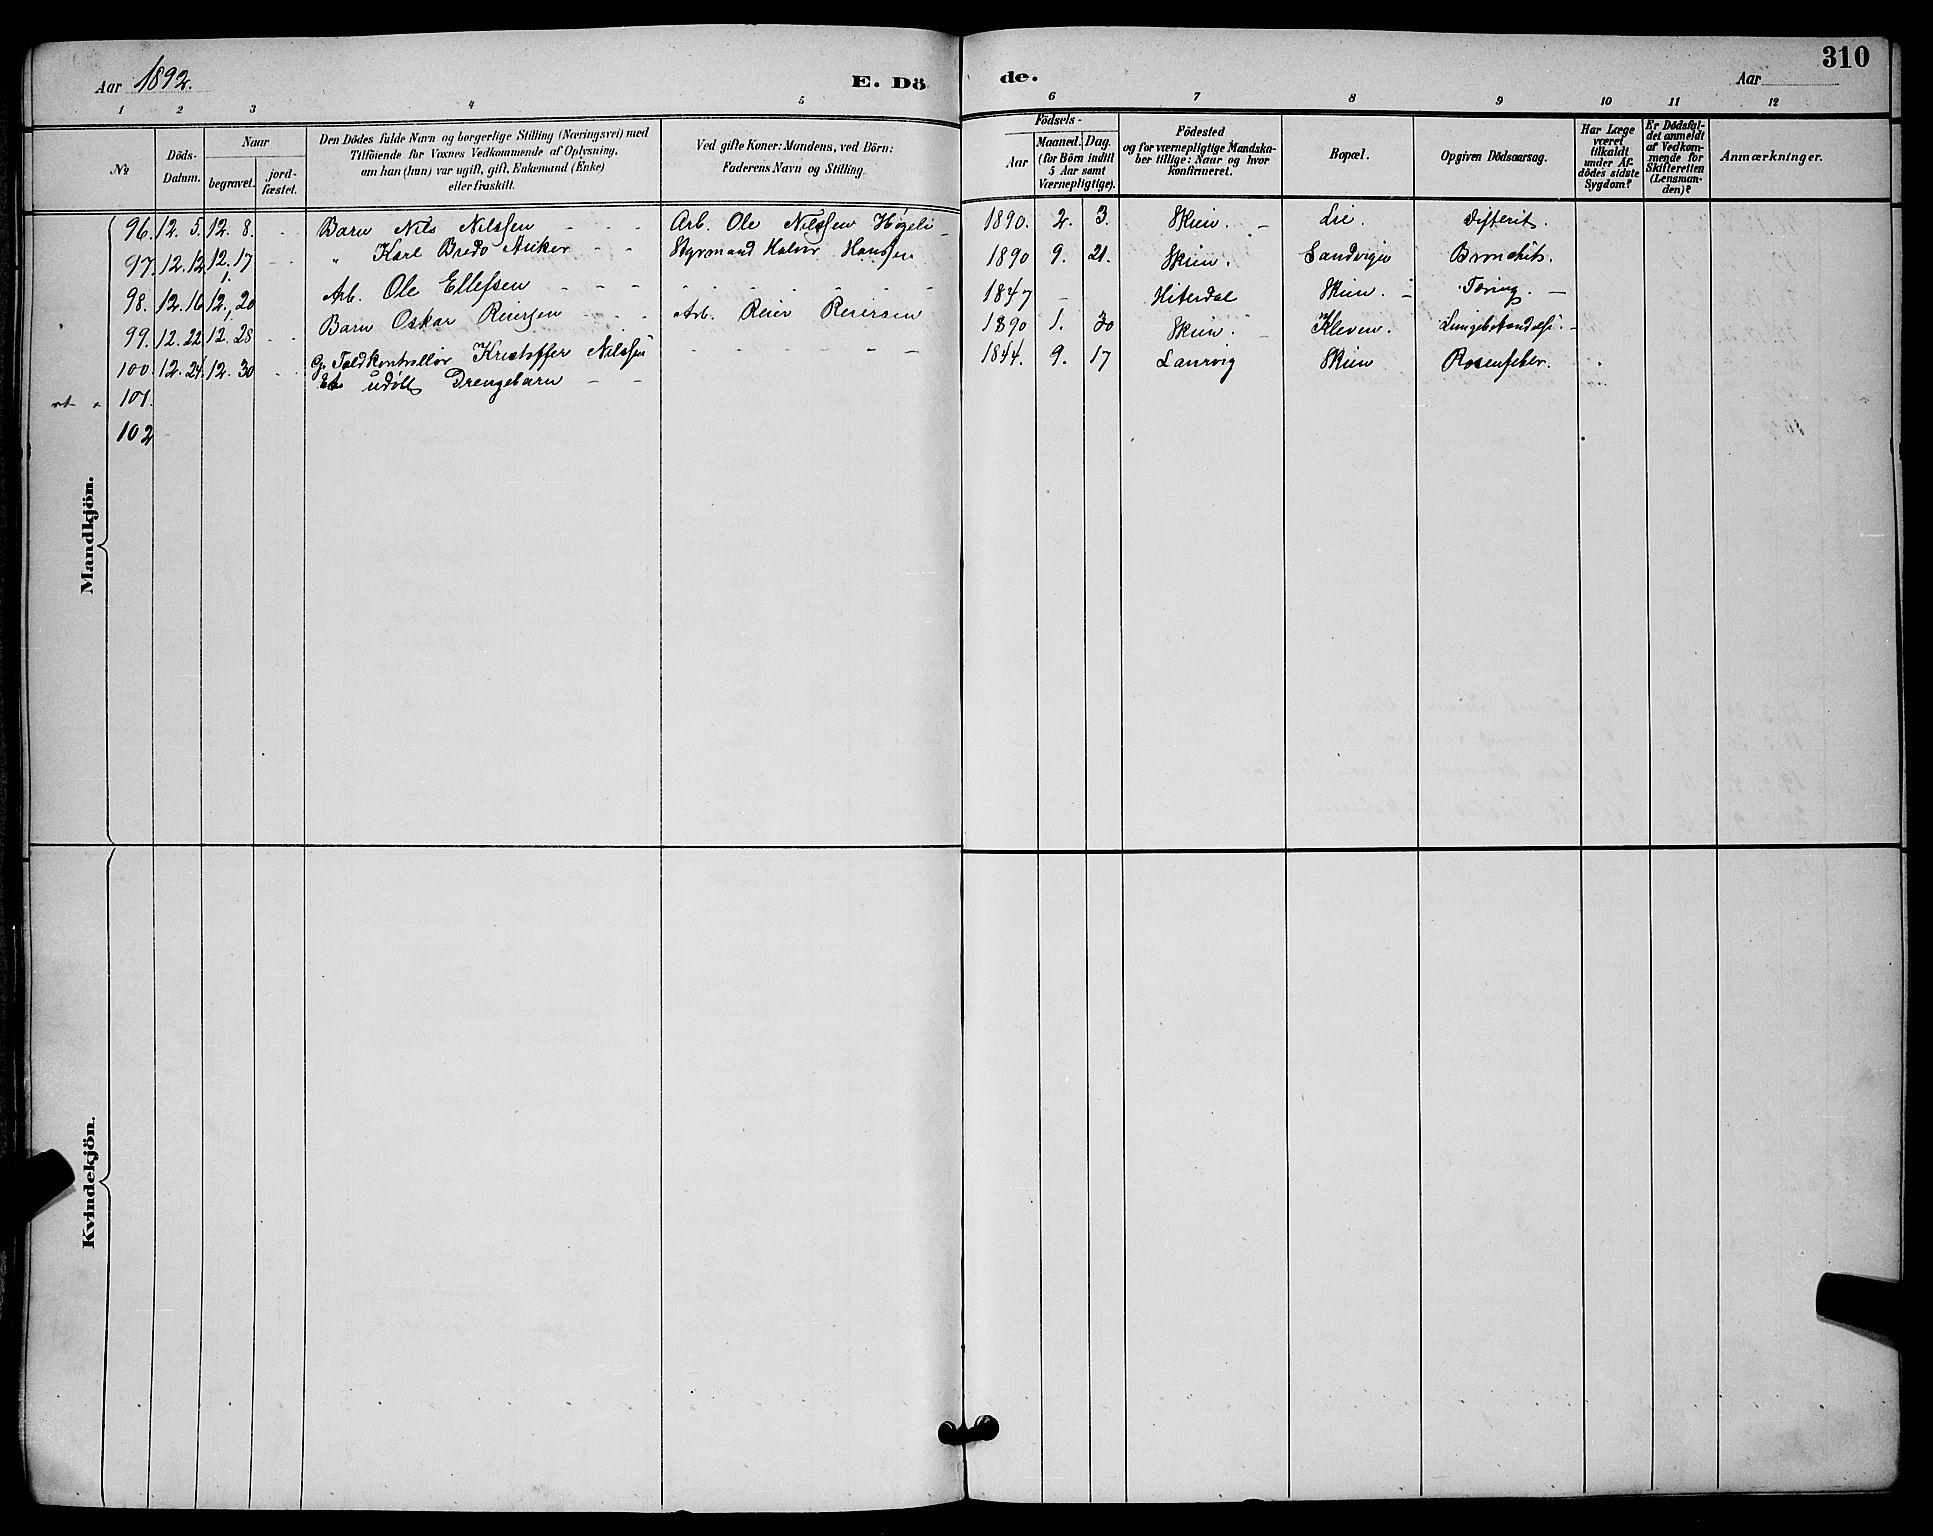 SAKO, Skien kirkebøker, G/Ga/L0007: Klokkerbok nr. 7, 1891-1900, s. 310